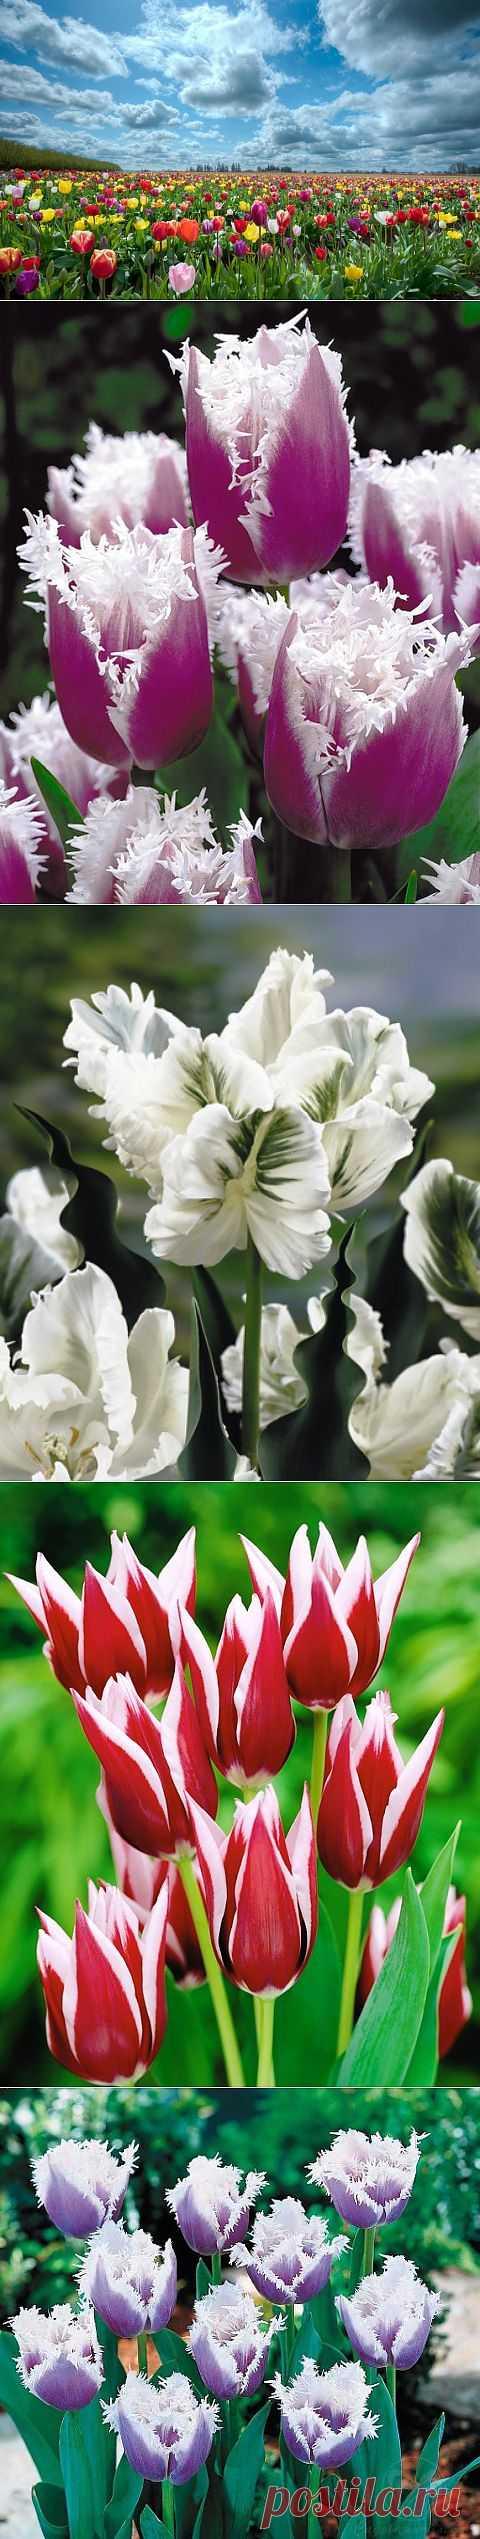 Готовимся к будущей весне - сажаем тюльпаны.